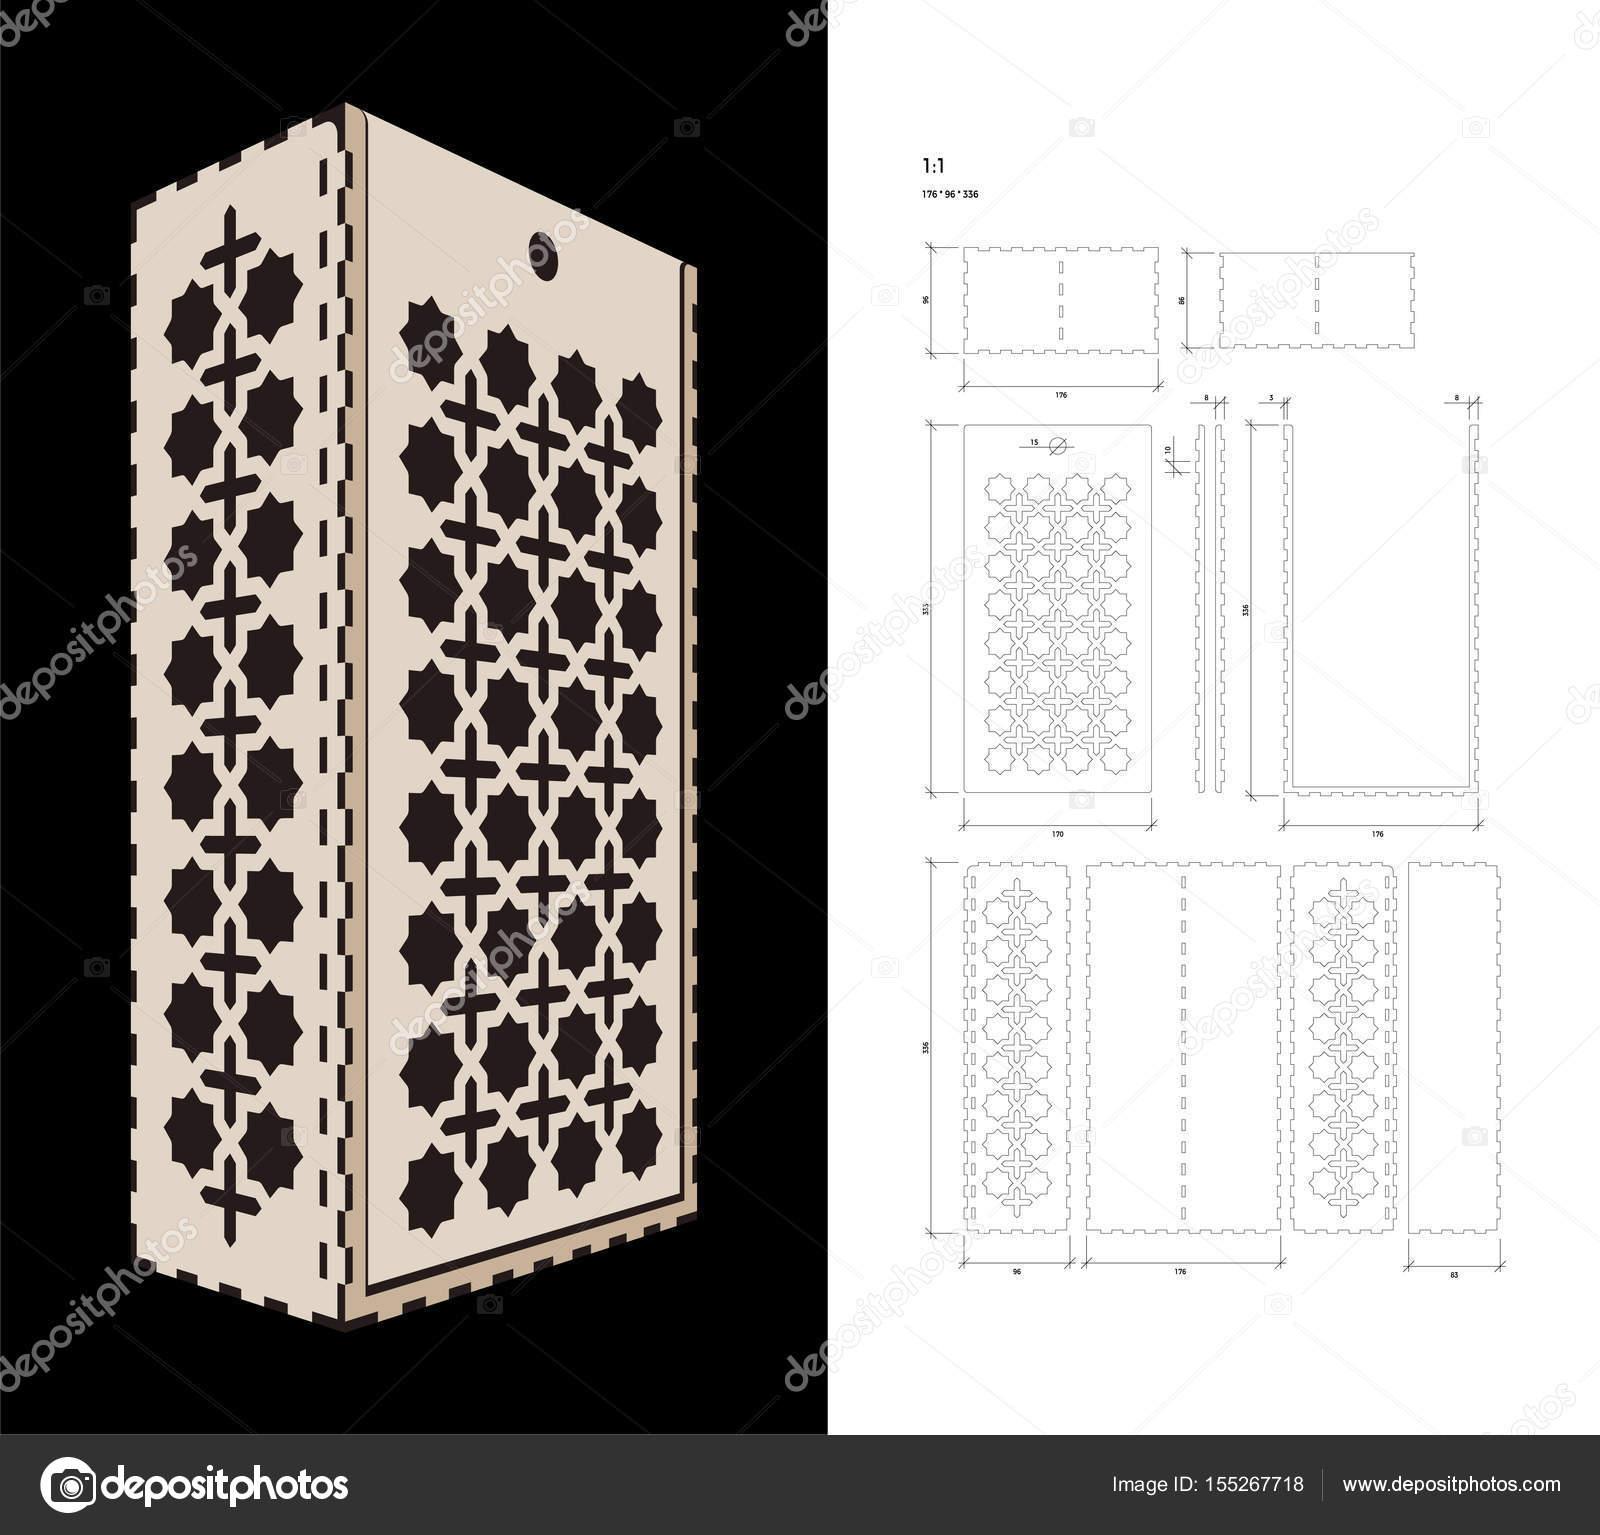 Fein Flasche Box Vorlage Galerie - Beispielzusammenfassung Ideen ...